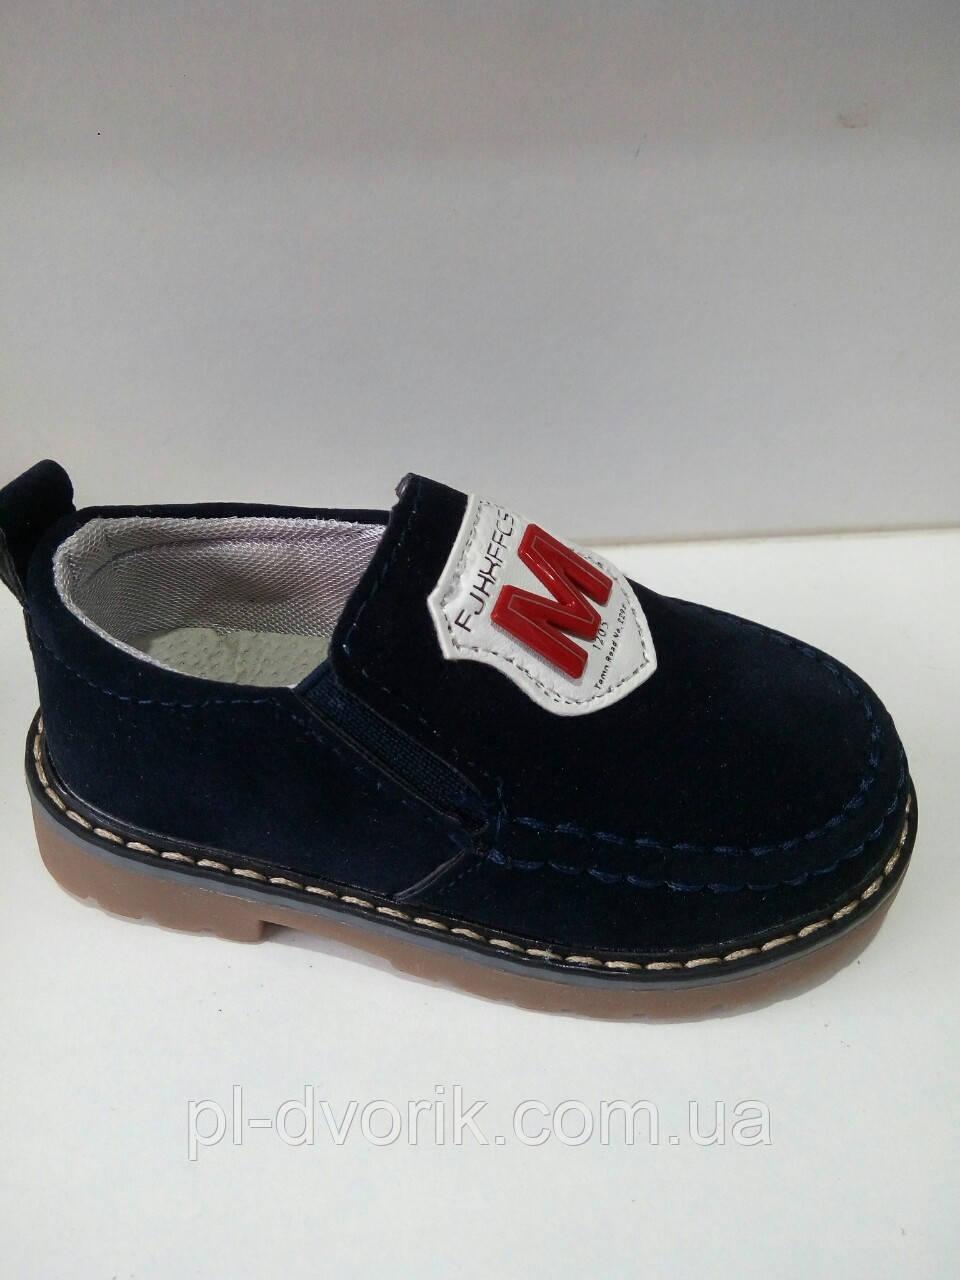 Туфли Модель 1532 размер  21